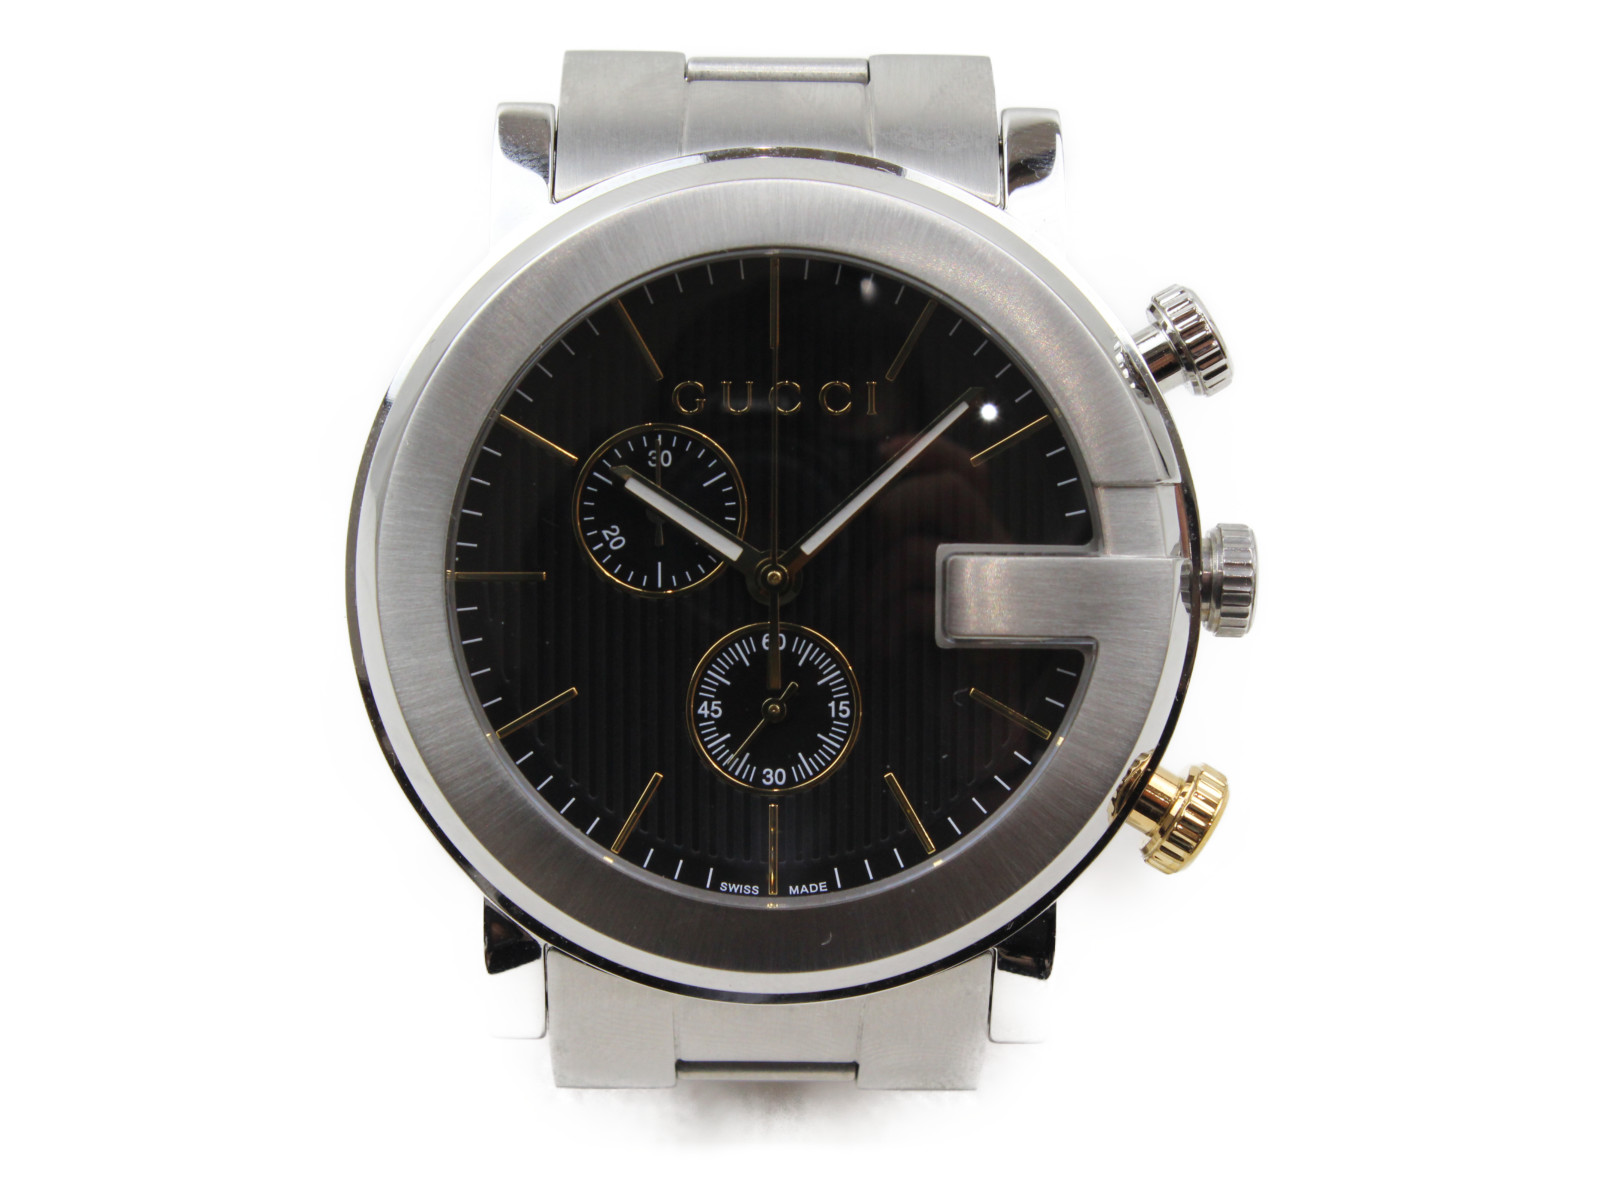 GUCCI グッチ Gクロノ YA101362 クオーツ クロノグラフ SS ステンレススチール ブラック メンズ 腕時計【中古】